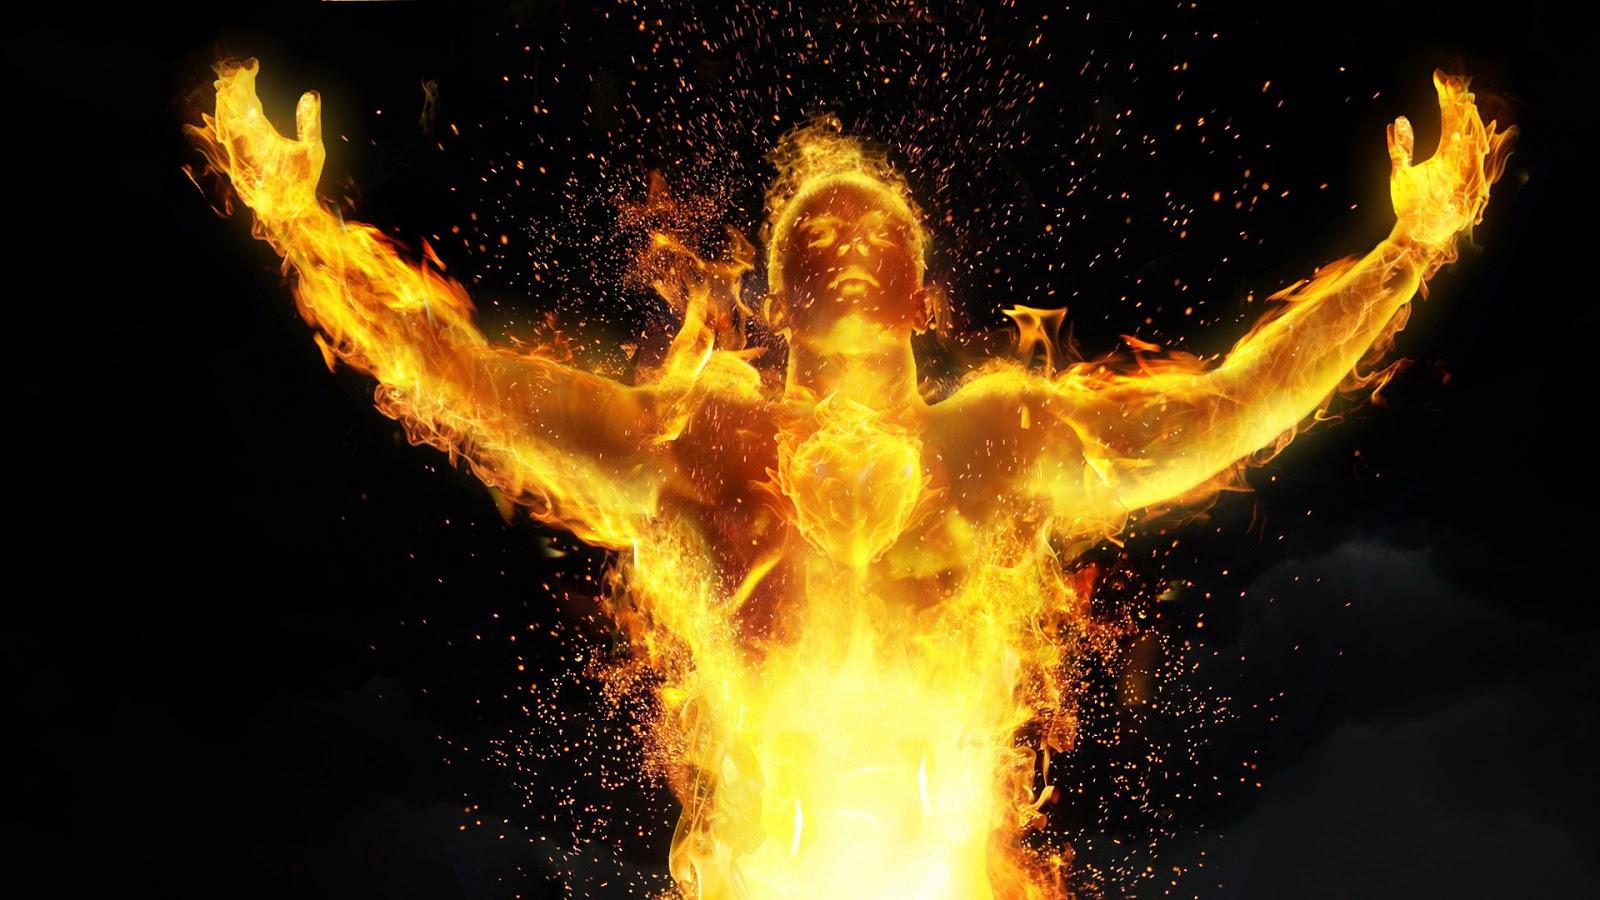 Deus quer reavivar as nossas vidas nas áreas onde estamos em processo de morte